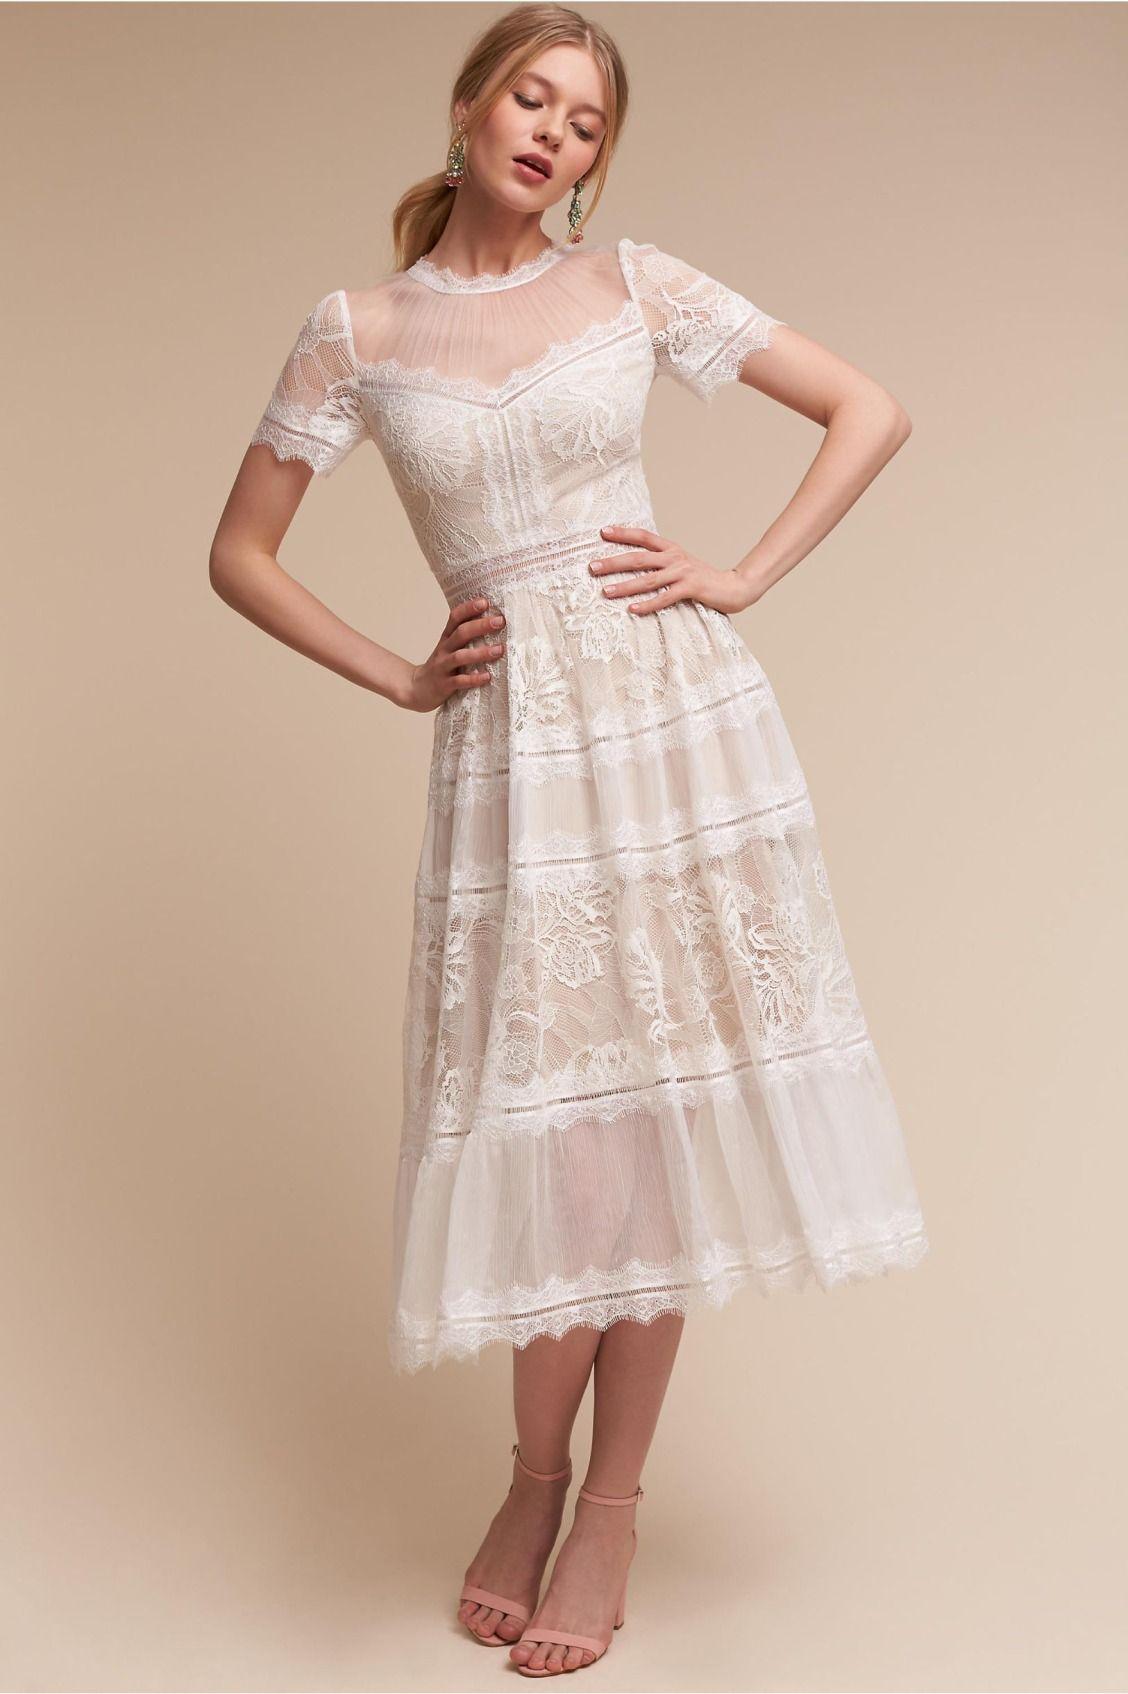 Vintage Vibes Saylor Dress From Bhldn Vestidos Estilosos Vestidos Romanticos Belos Vestidos